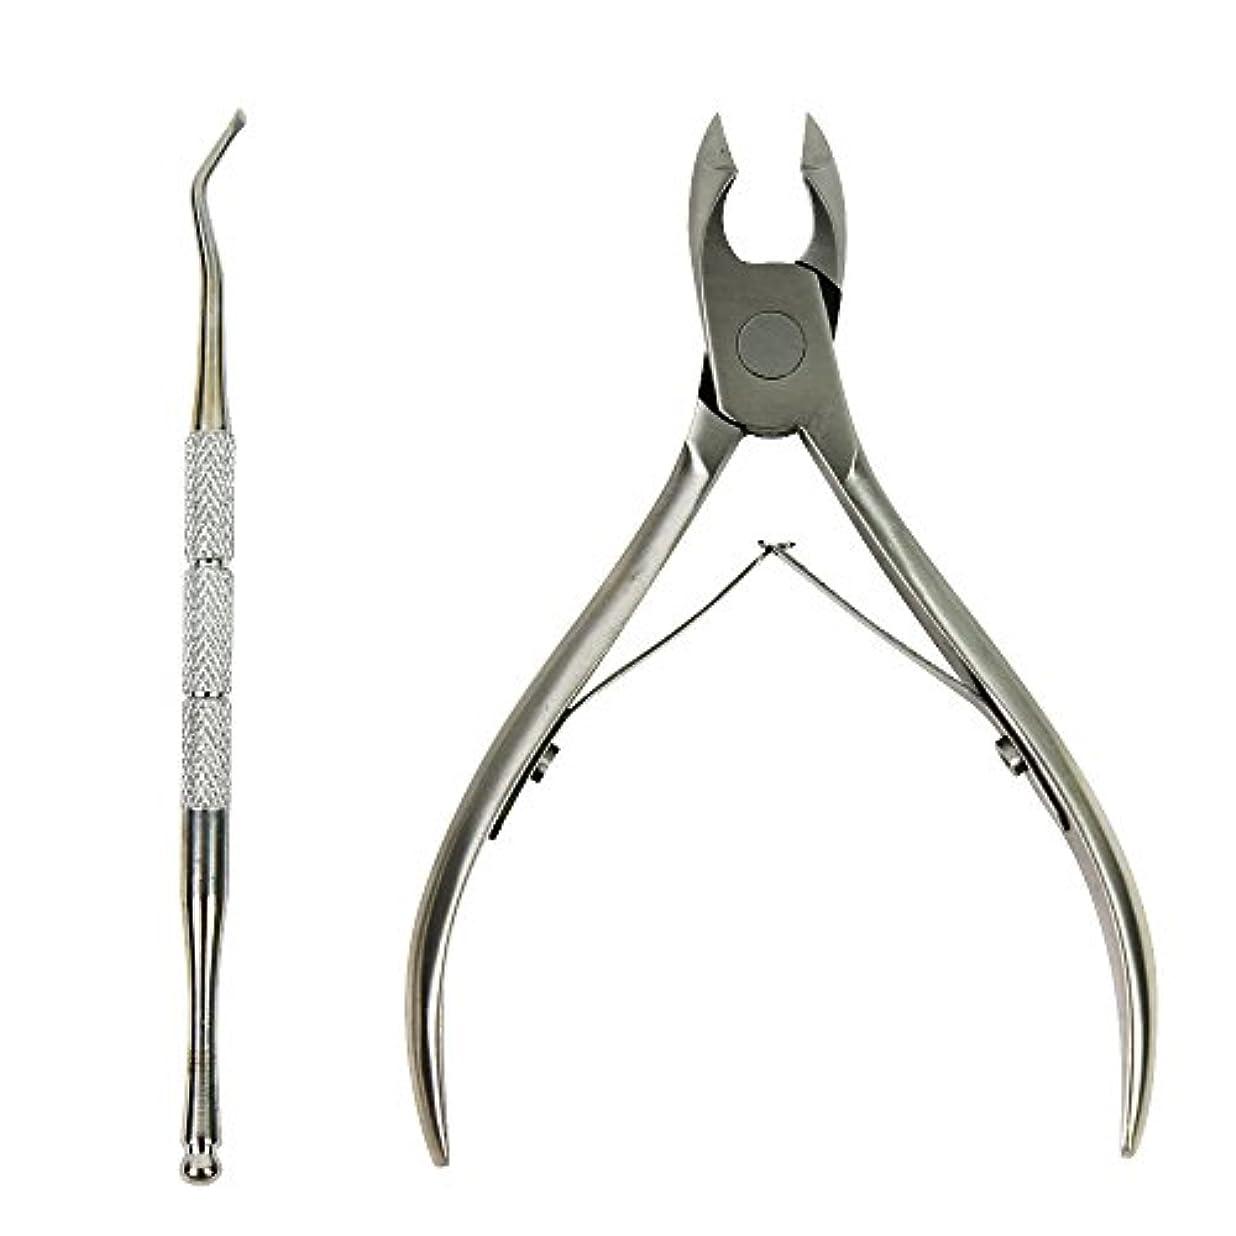 列挙する前進ブラウザLelouch(ルルーシュ) ニッパー式 爪切り 変形した爪 厚い爪 巻き爪 などに 垢取り ゾンデ 付き